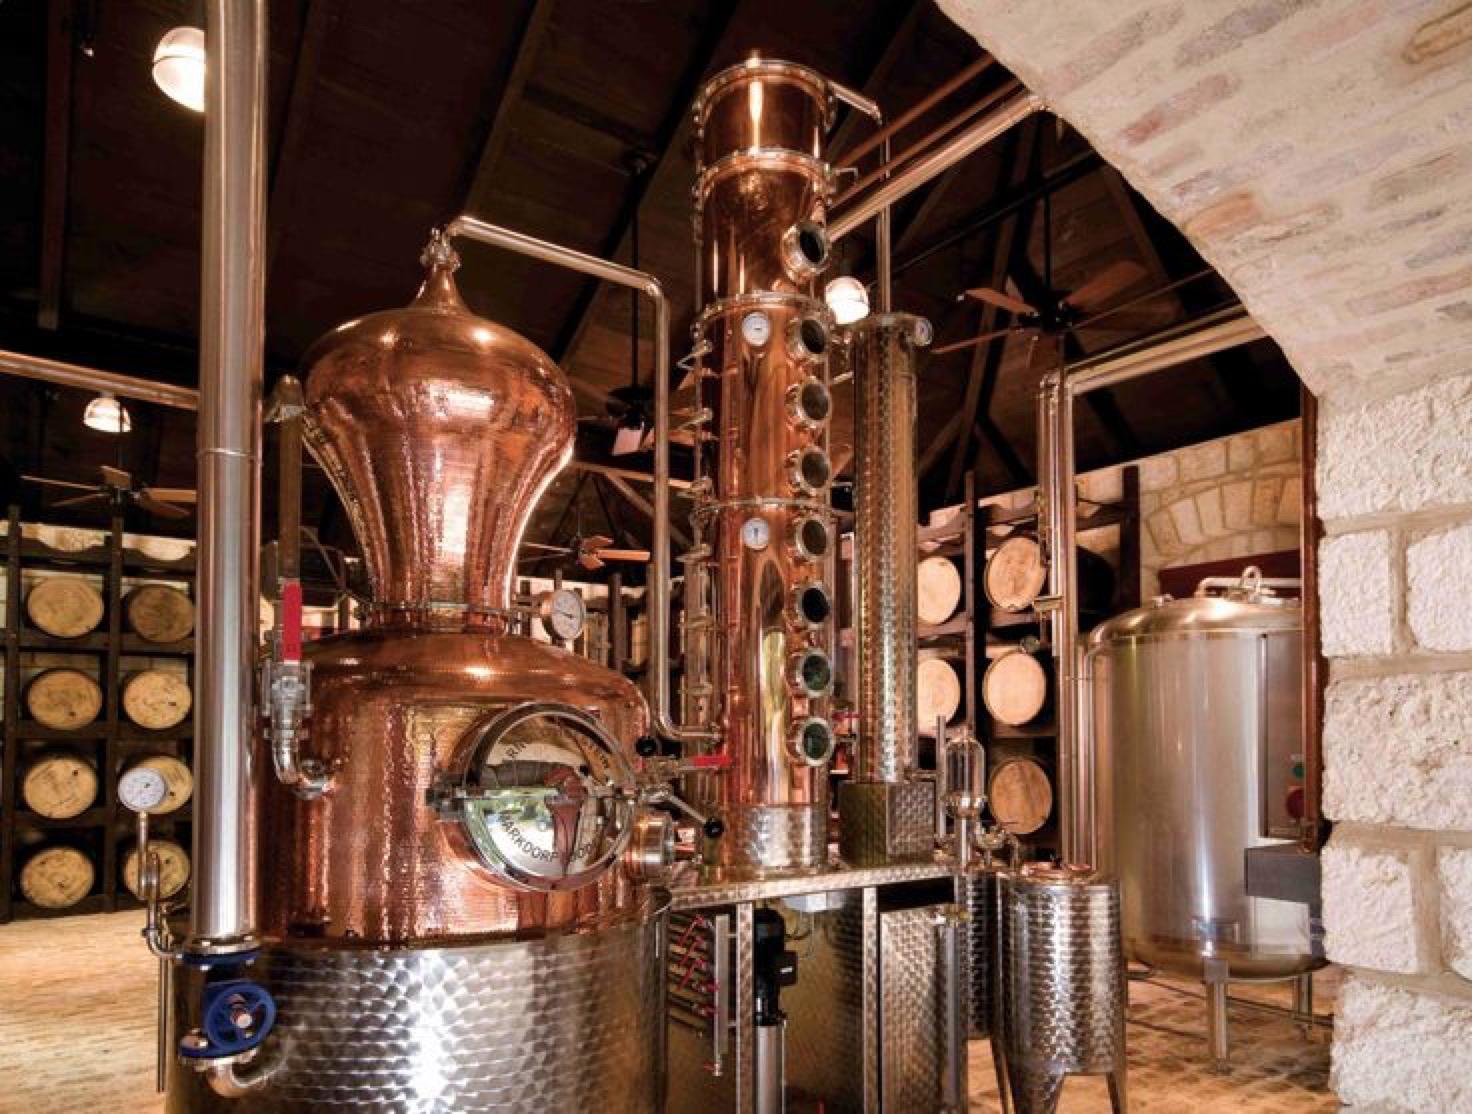 作为蒸馏烈酒,朗姆酒可以使用多种蒸馏方式